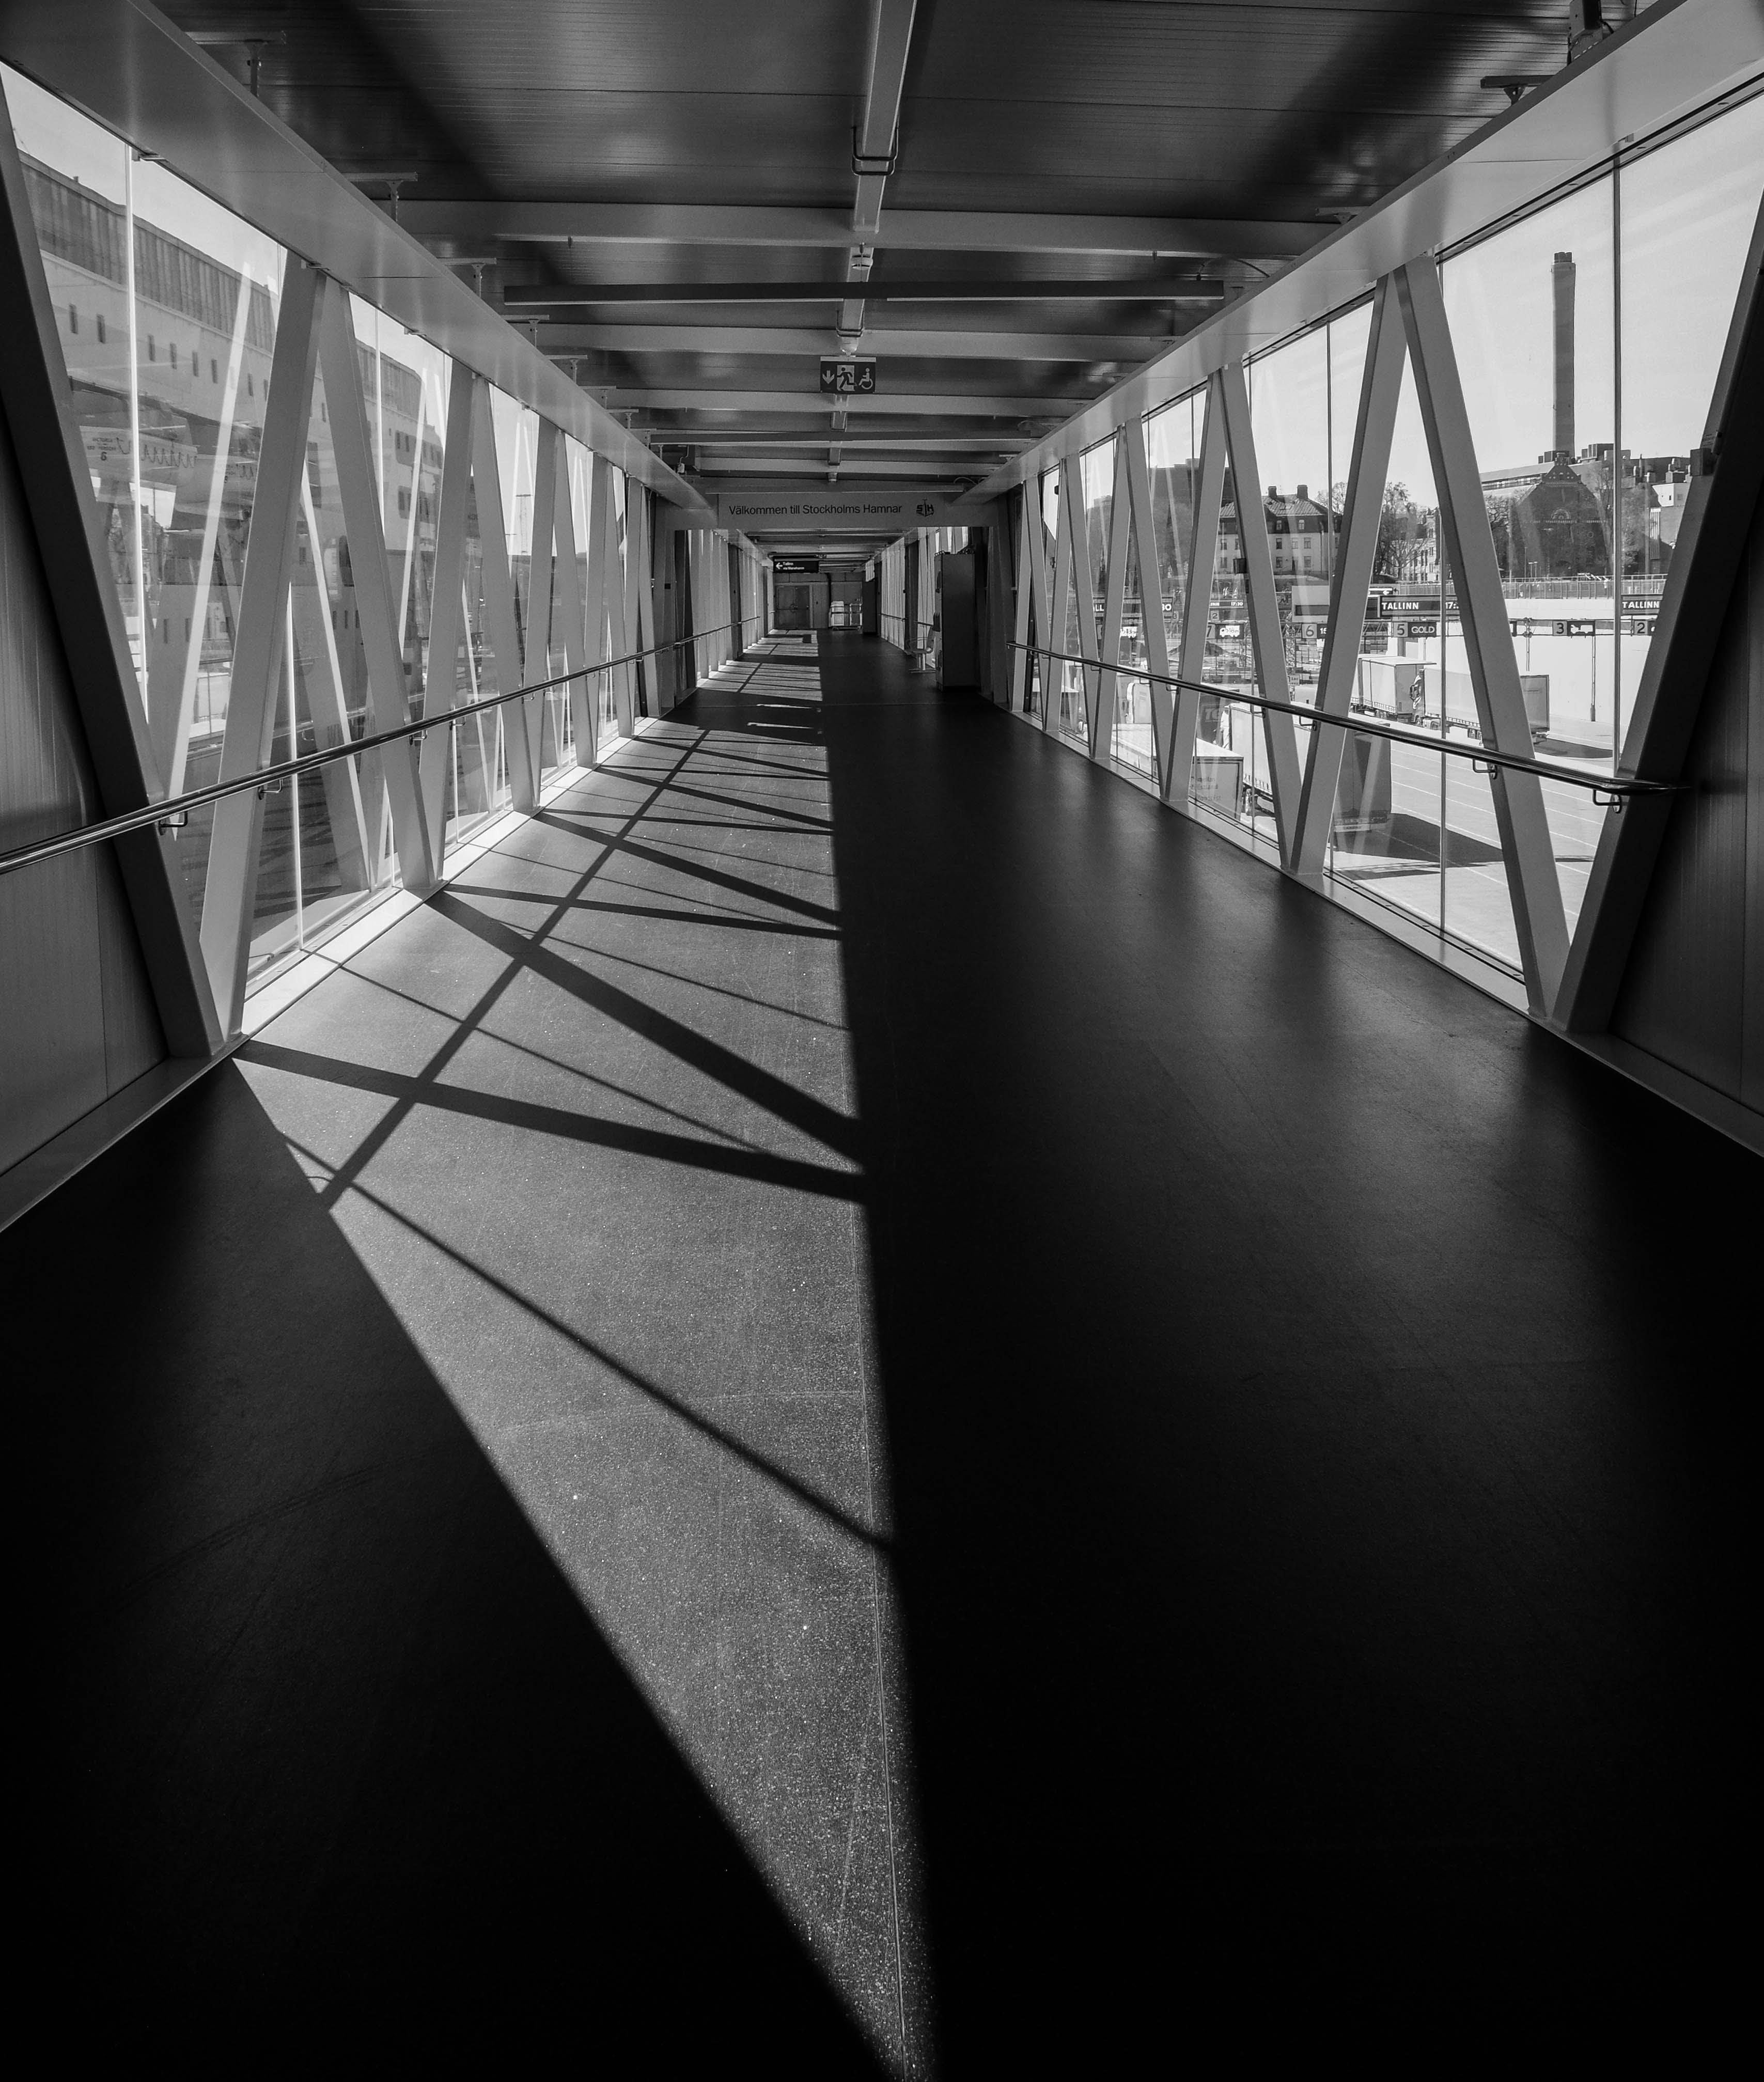 Gratis stockfoto met architectuur, binnen, binnenshuis, brug